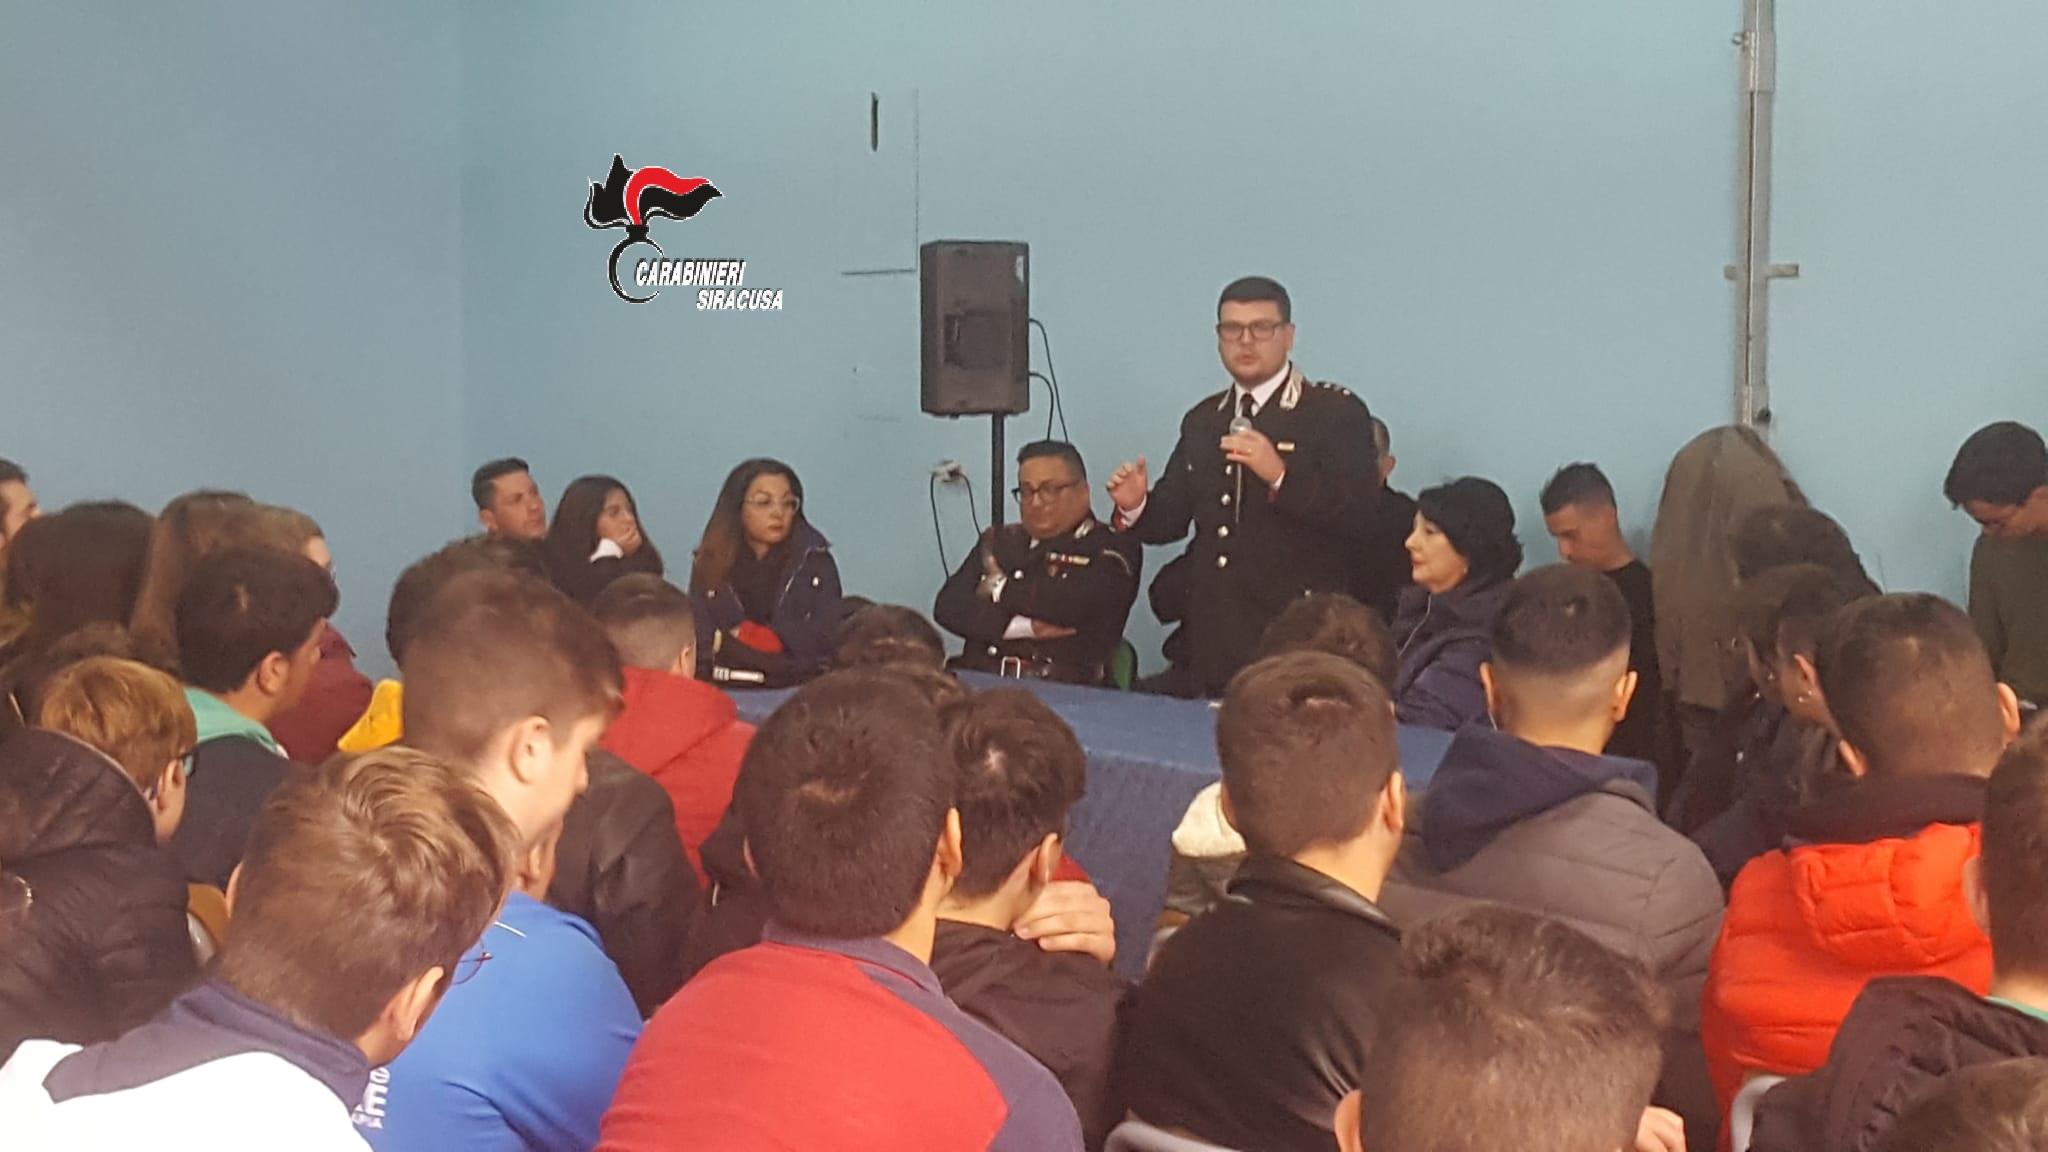 Legalità, gli studenti dell'Archimede di Rosolini incontrano i carabinieri